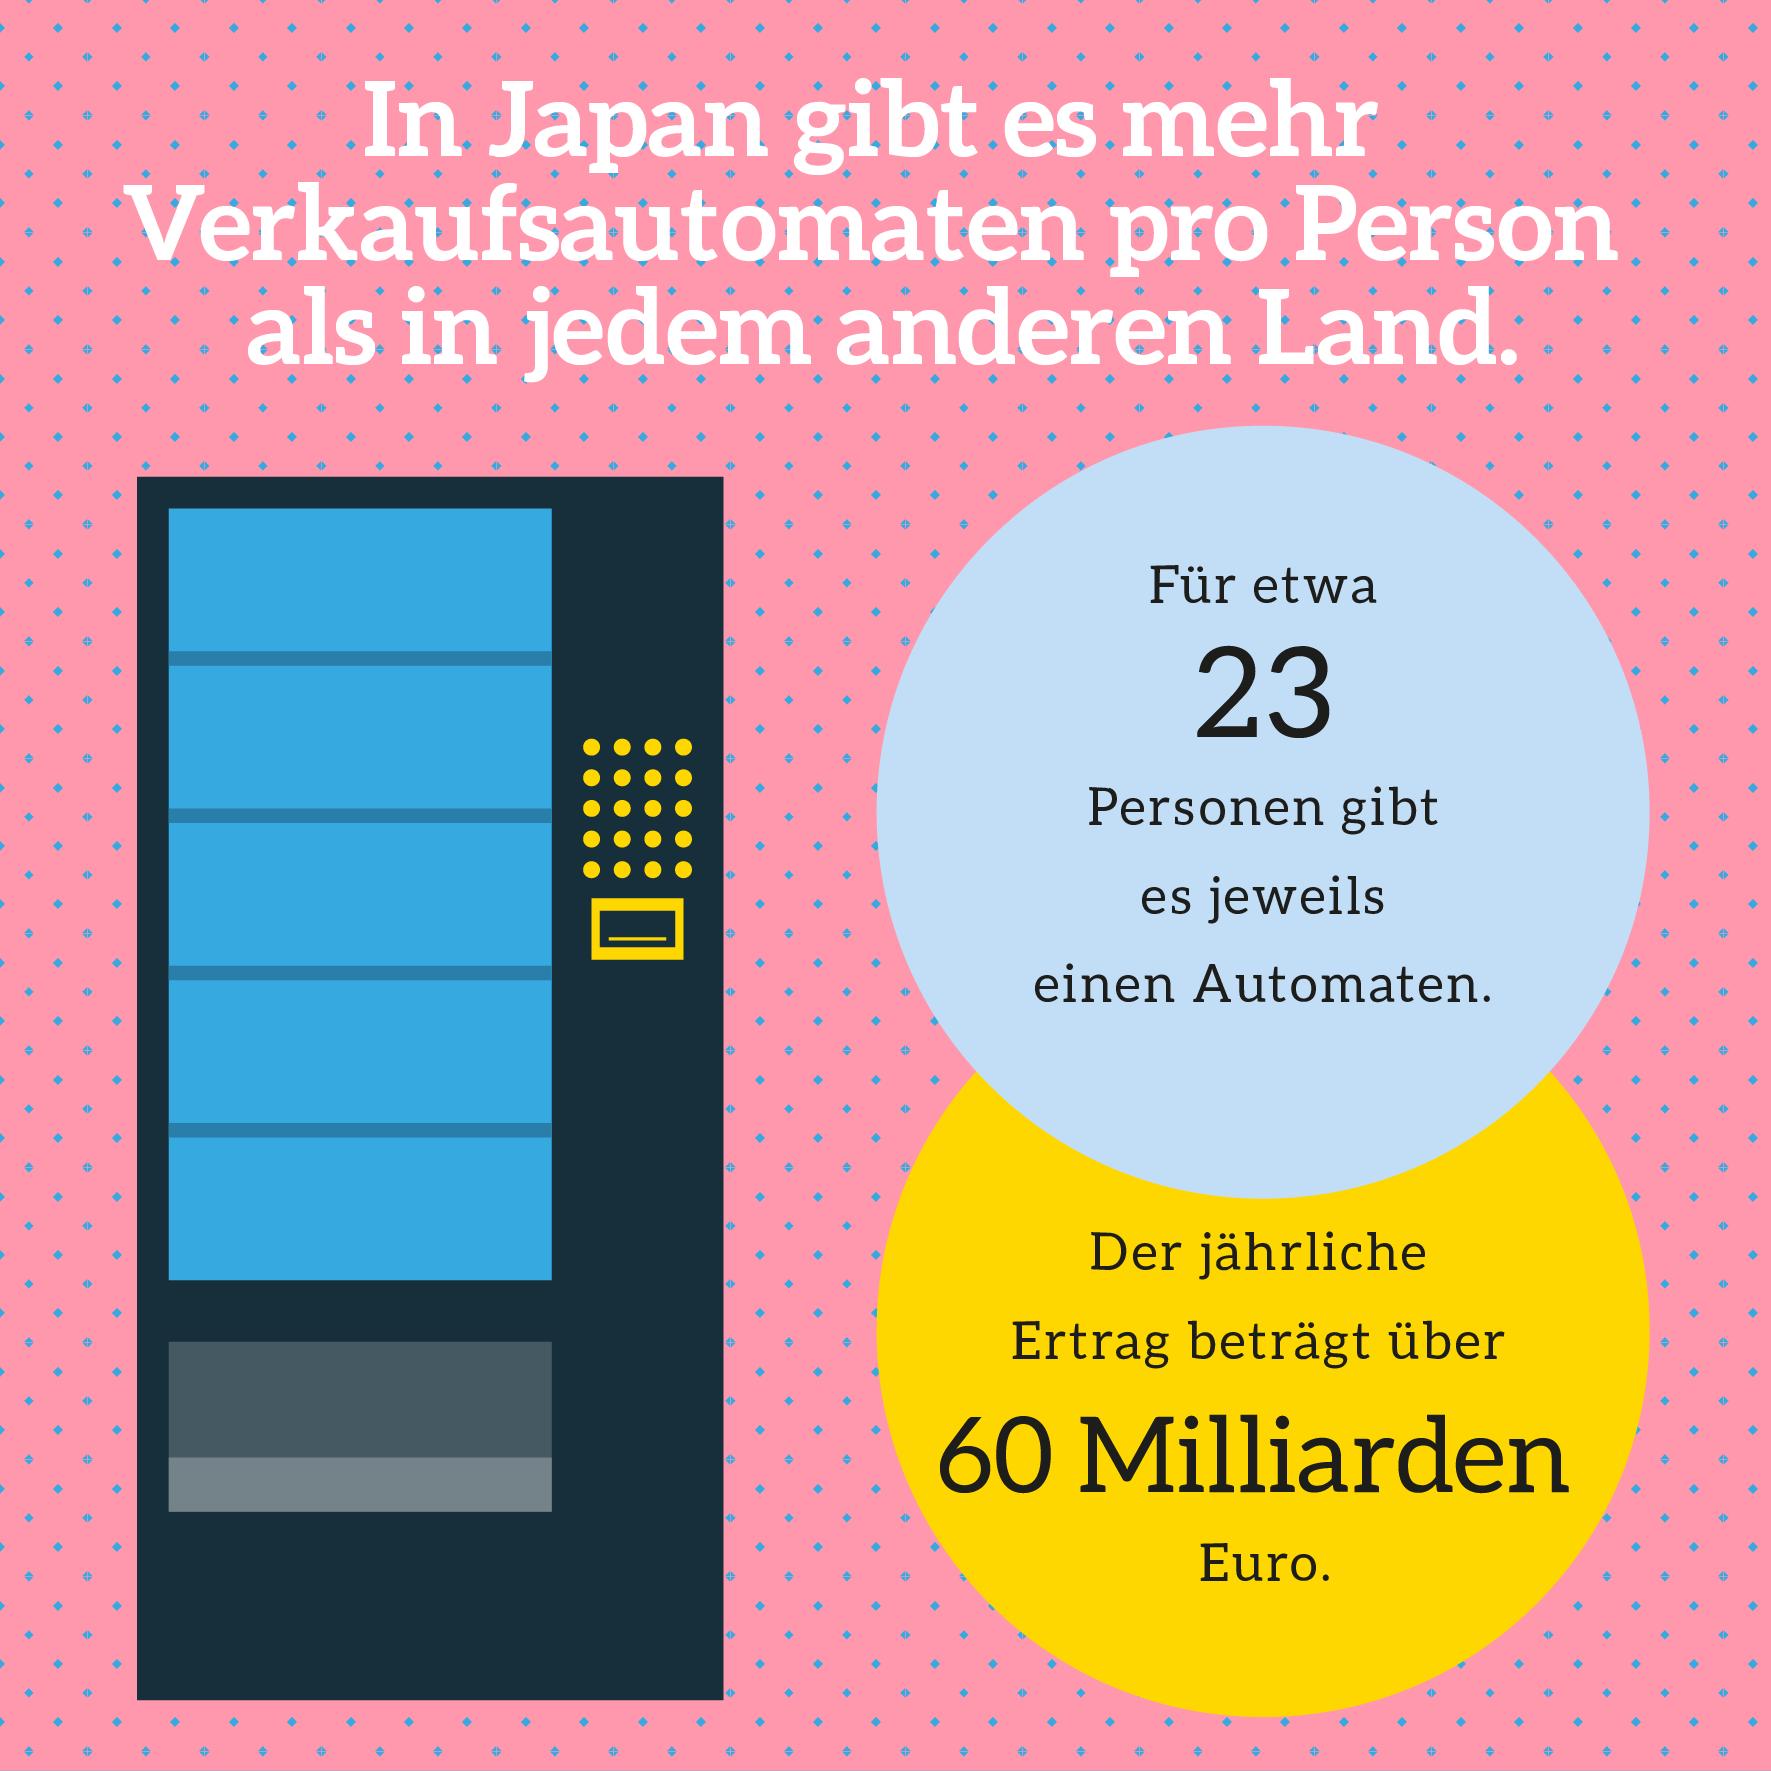 Infografik Japan Verkaufsautomaten